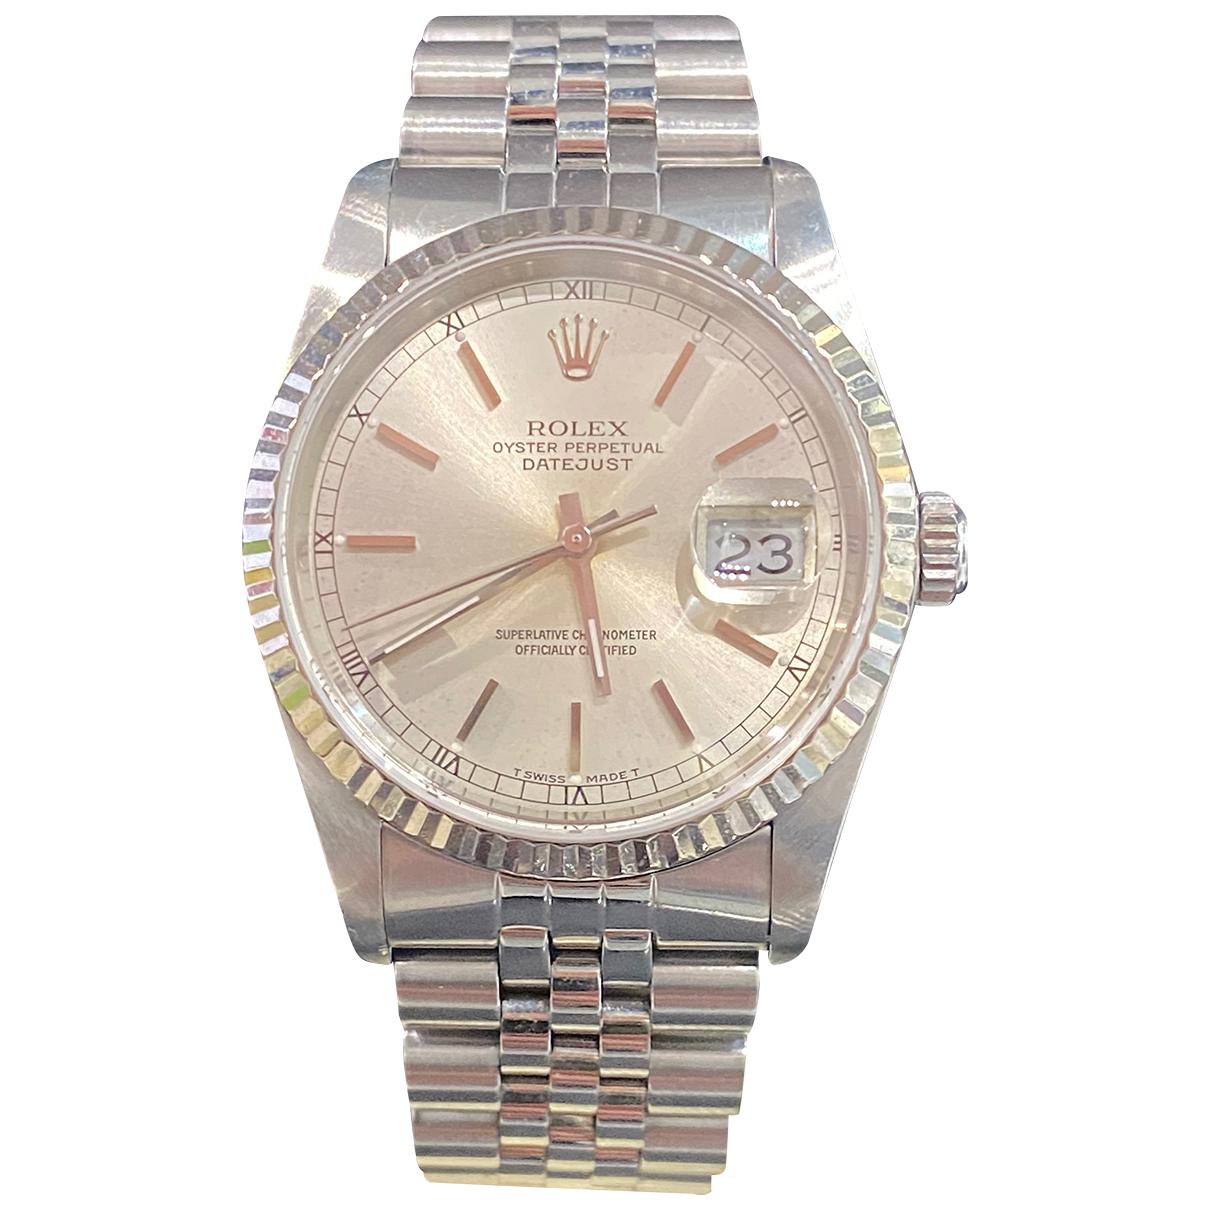 Rolex Datejust 36mm Uhr in Stahl